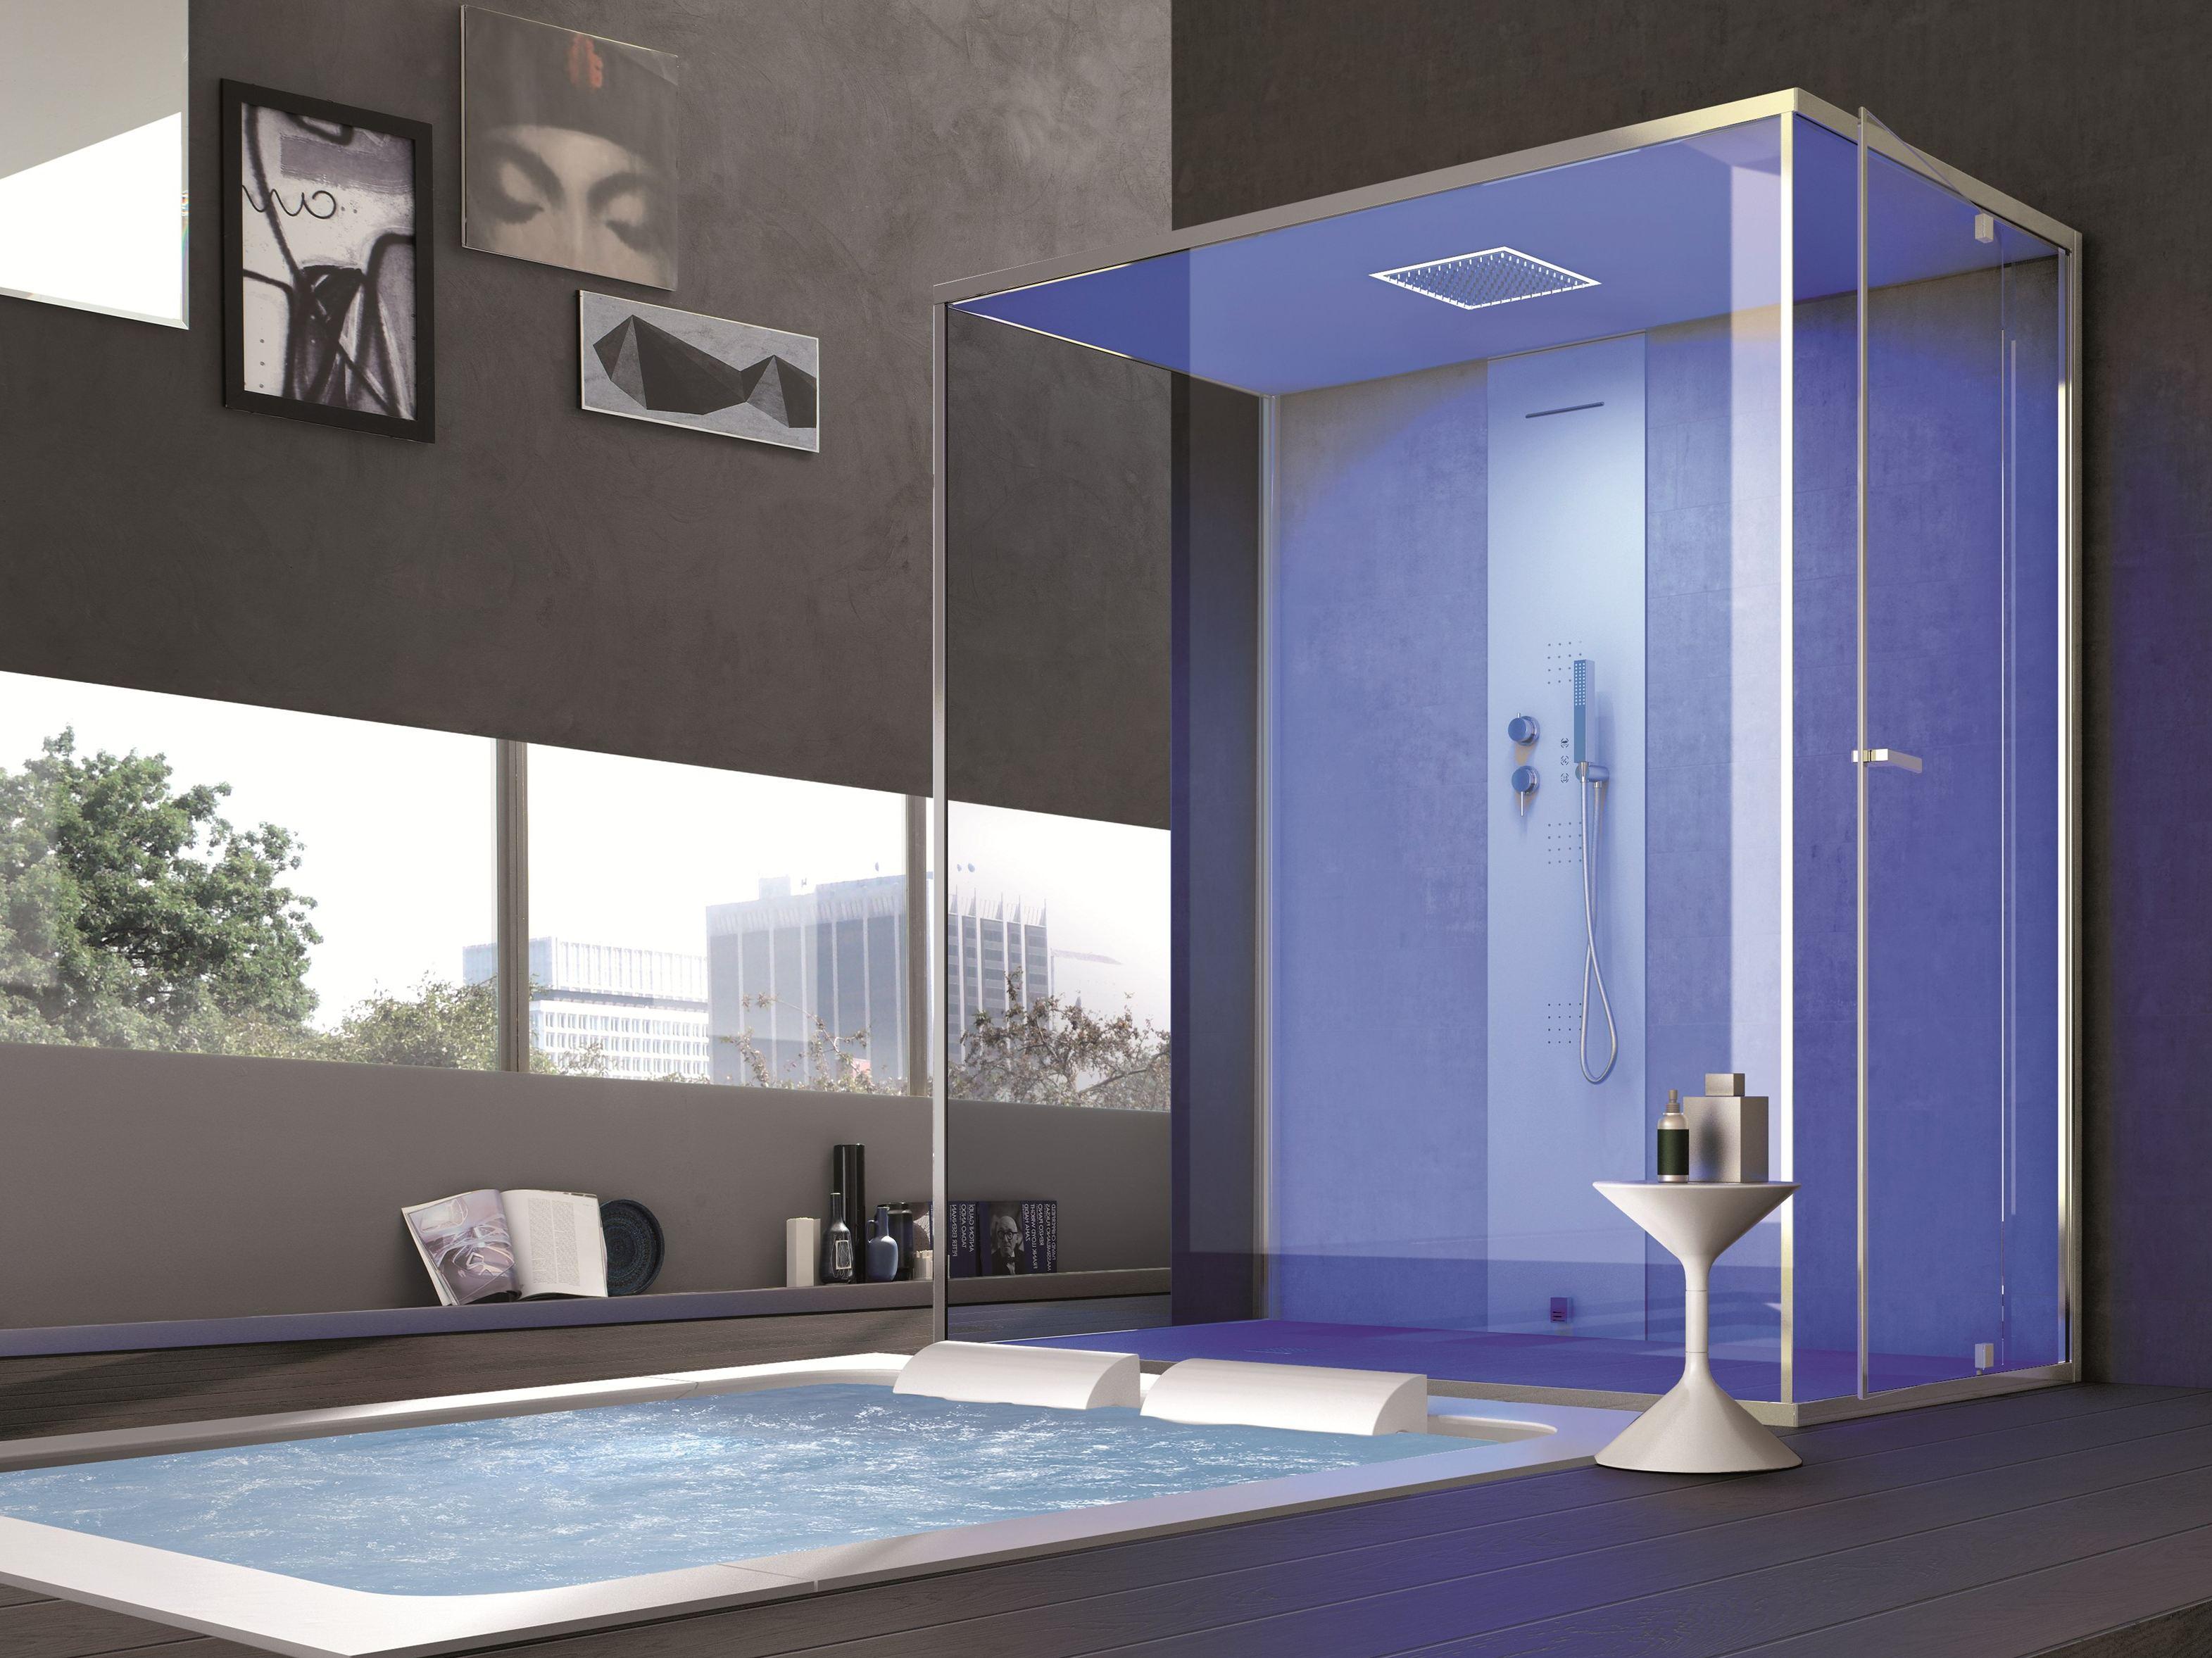 Verriere chambre bebe - Baignoir douche balneo ...